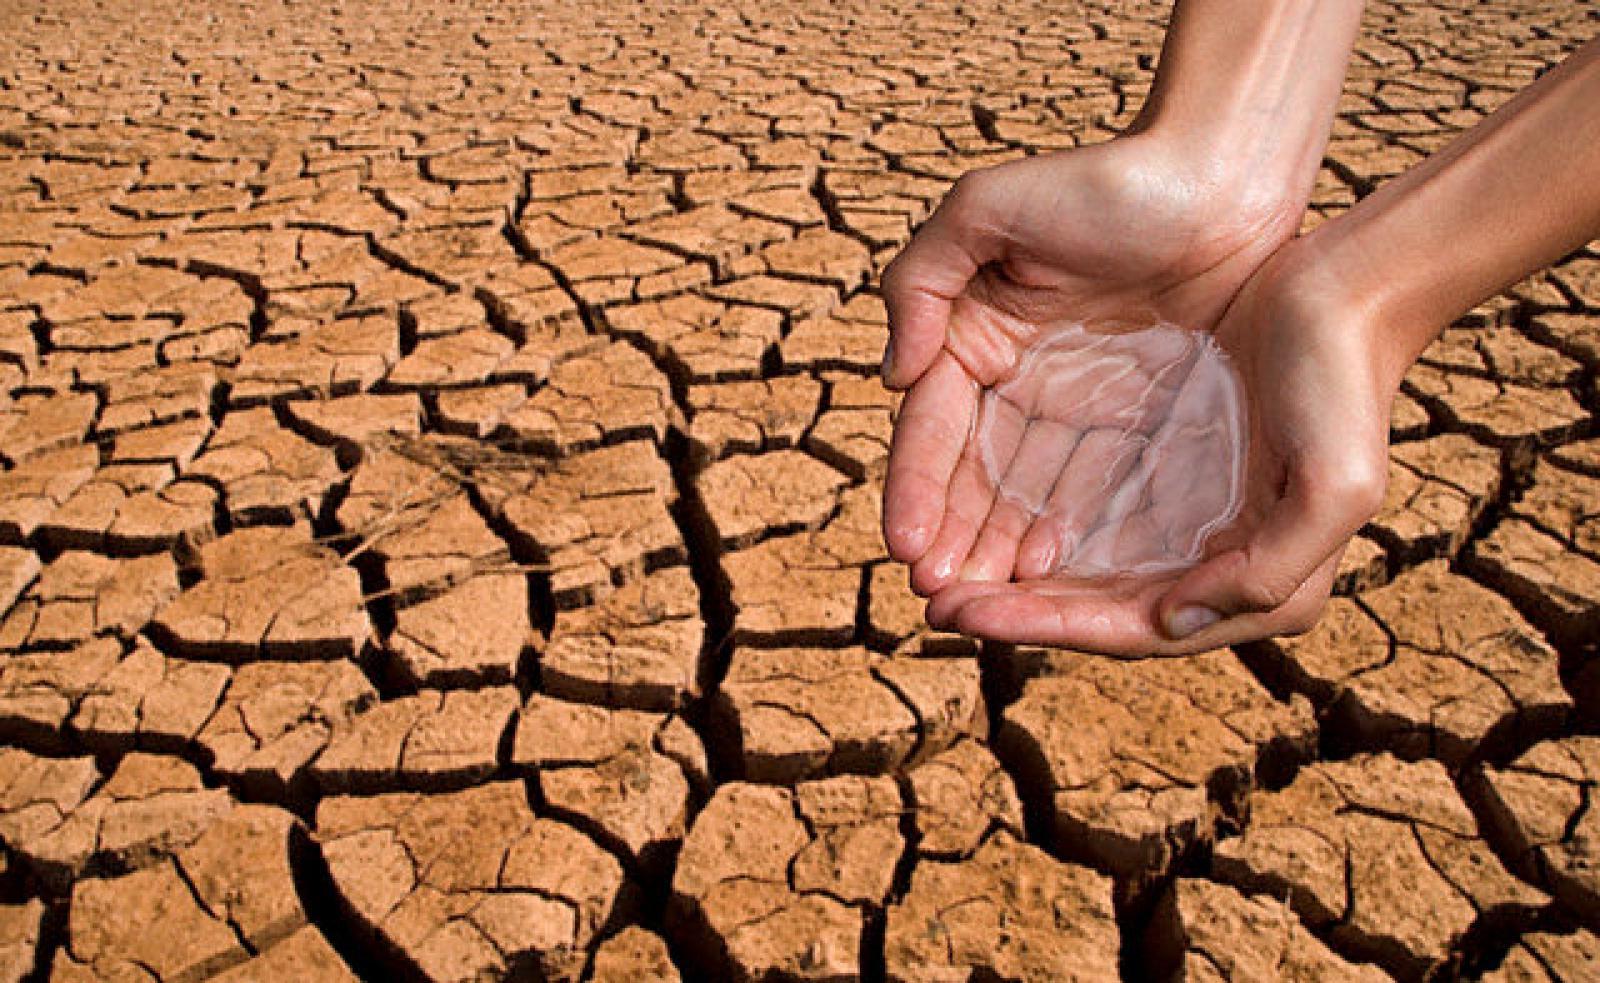 Казахстан может столкнуться с острым дефицитом воды